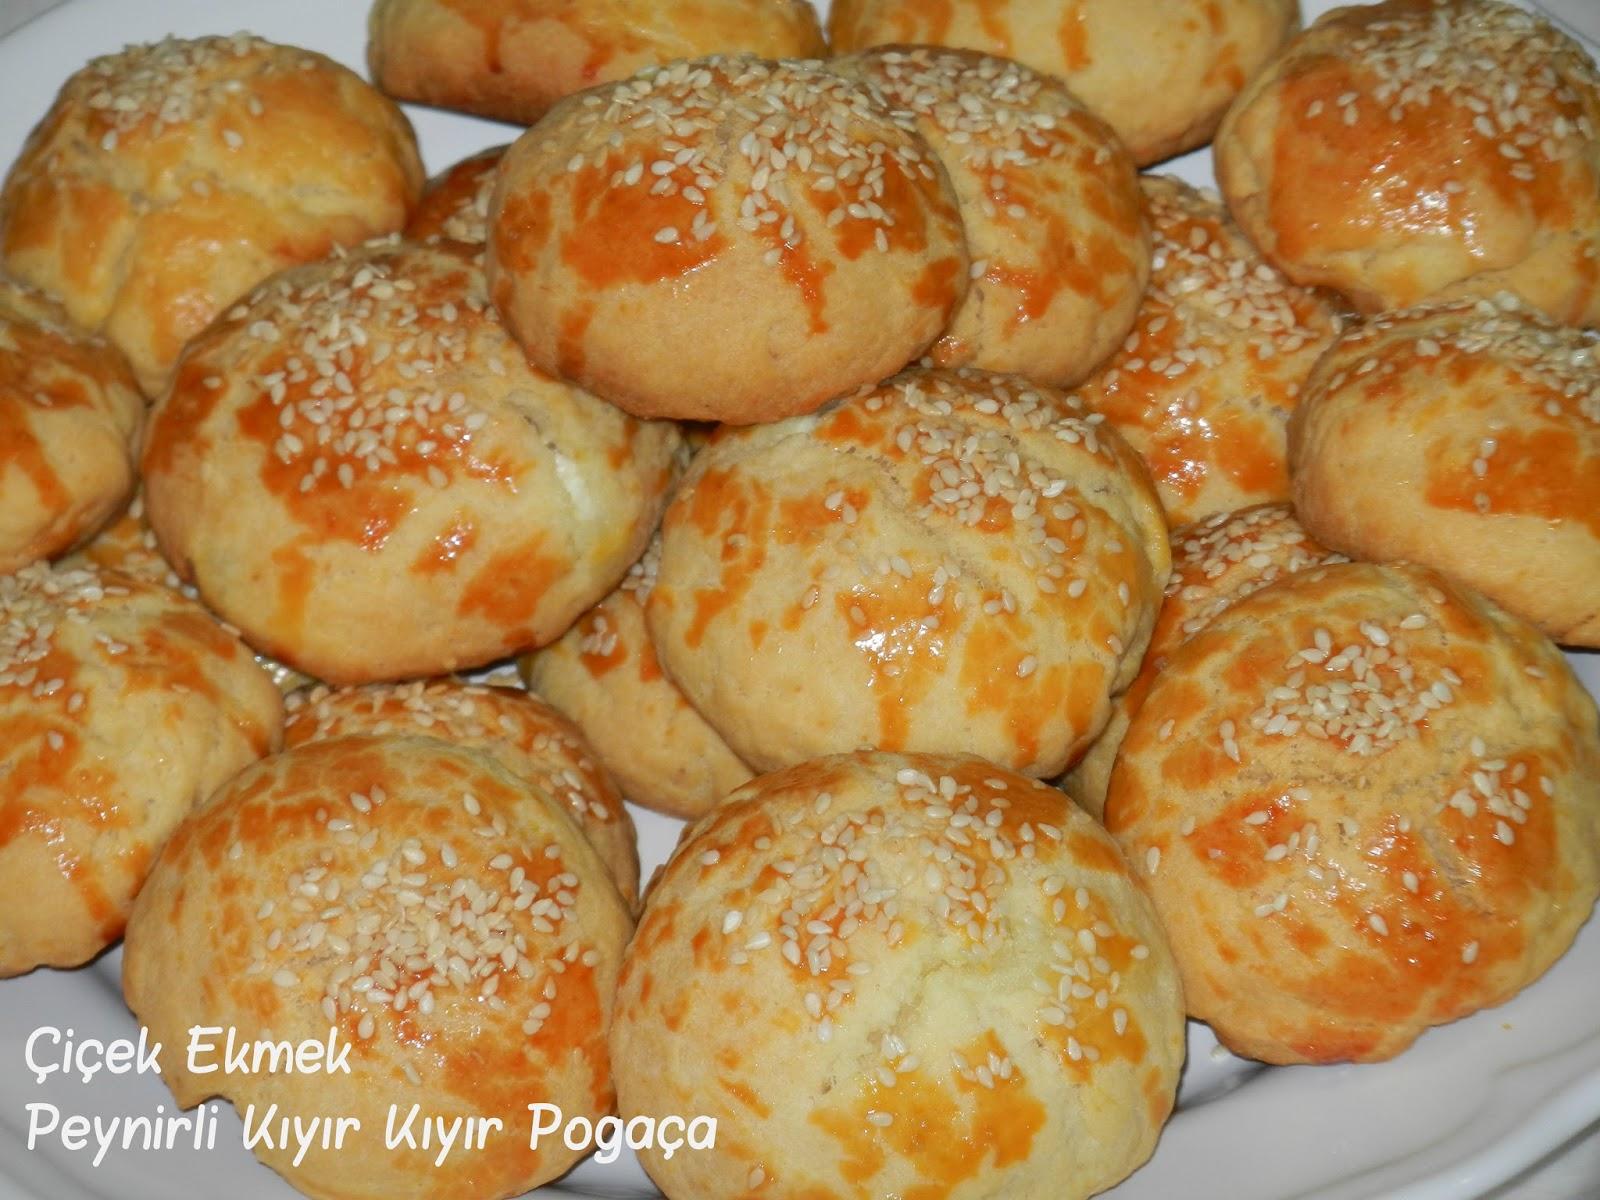 Peynirli Patatesli Çiçek Ekmek